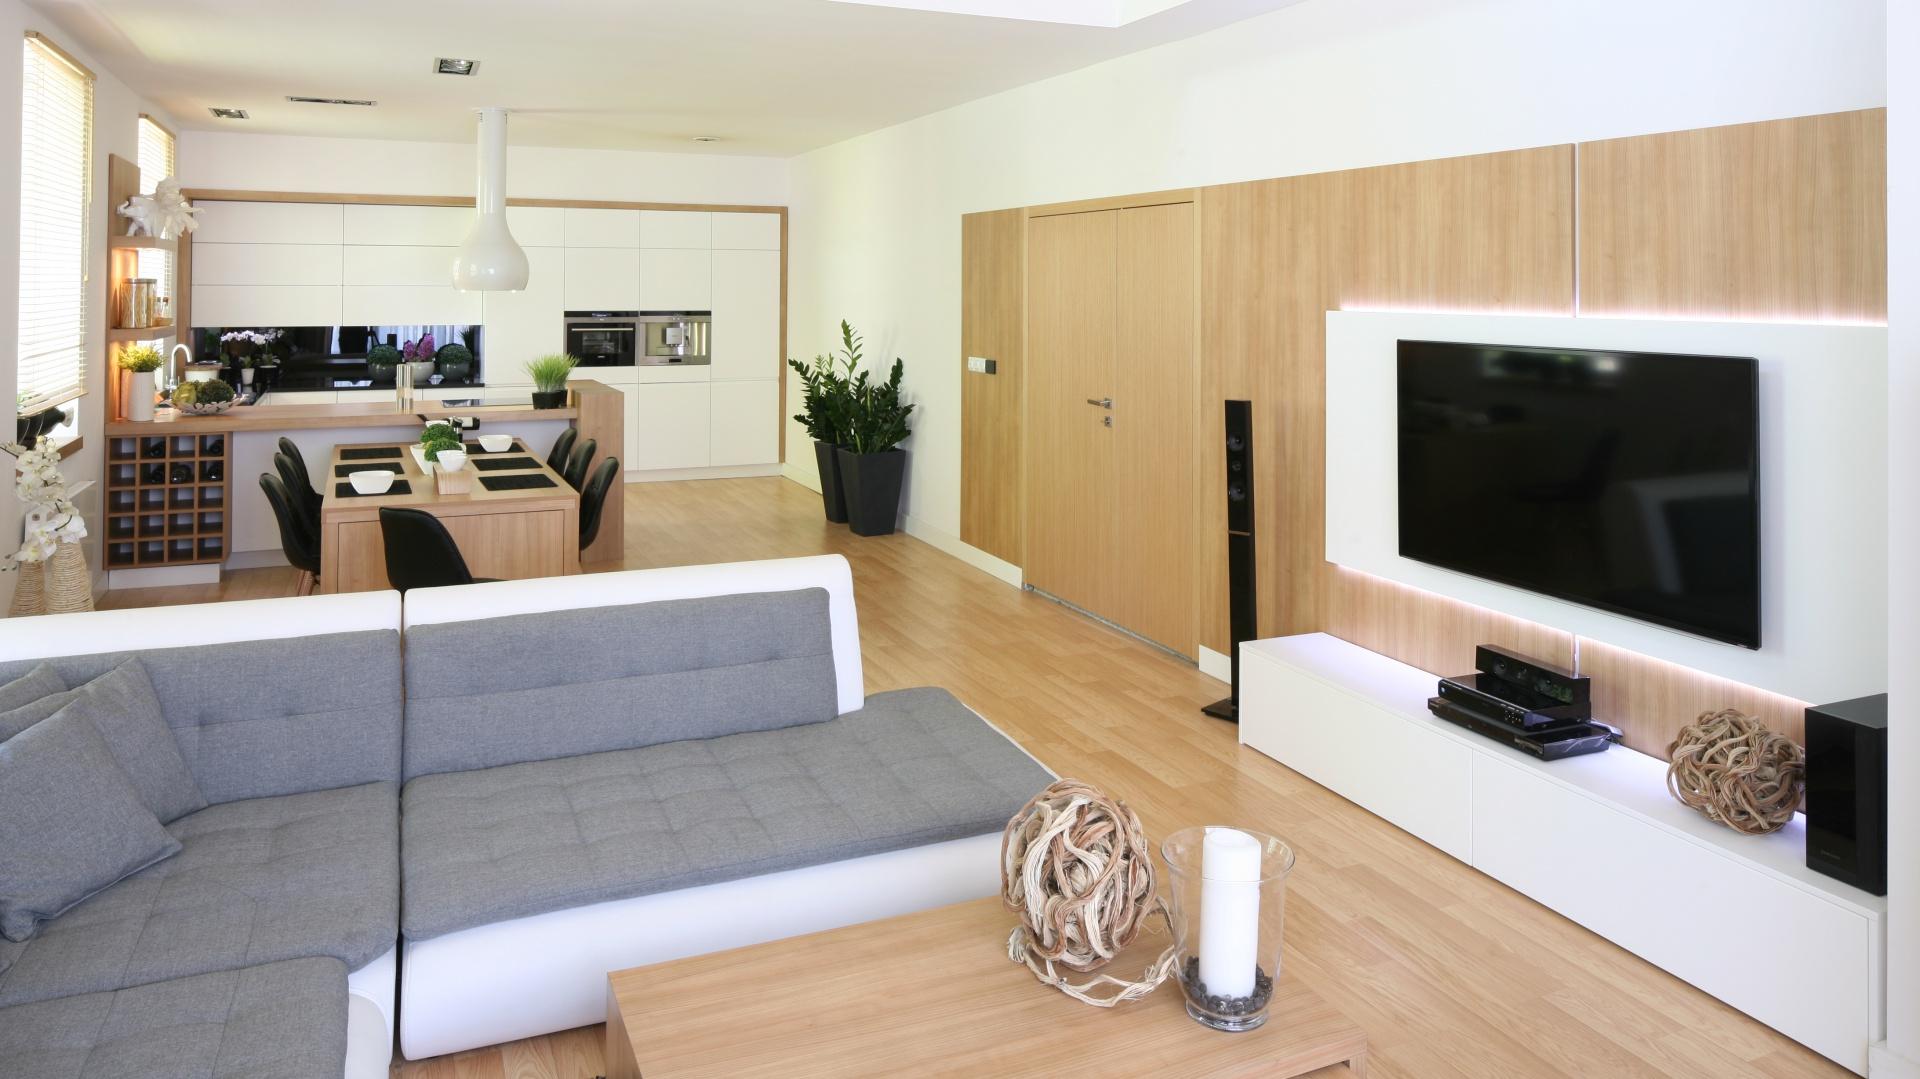 Cała ściana została wykończana płytą meblową z drewnopodobnym dekorem, dla kontrastu telewizor umieszczono na białym podświetlonym panelu. Projekt: Małgorzata Błaszczak. Fot. Bartosz Jarosz